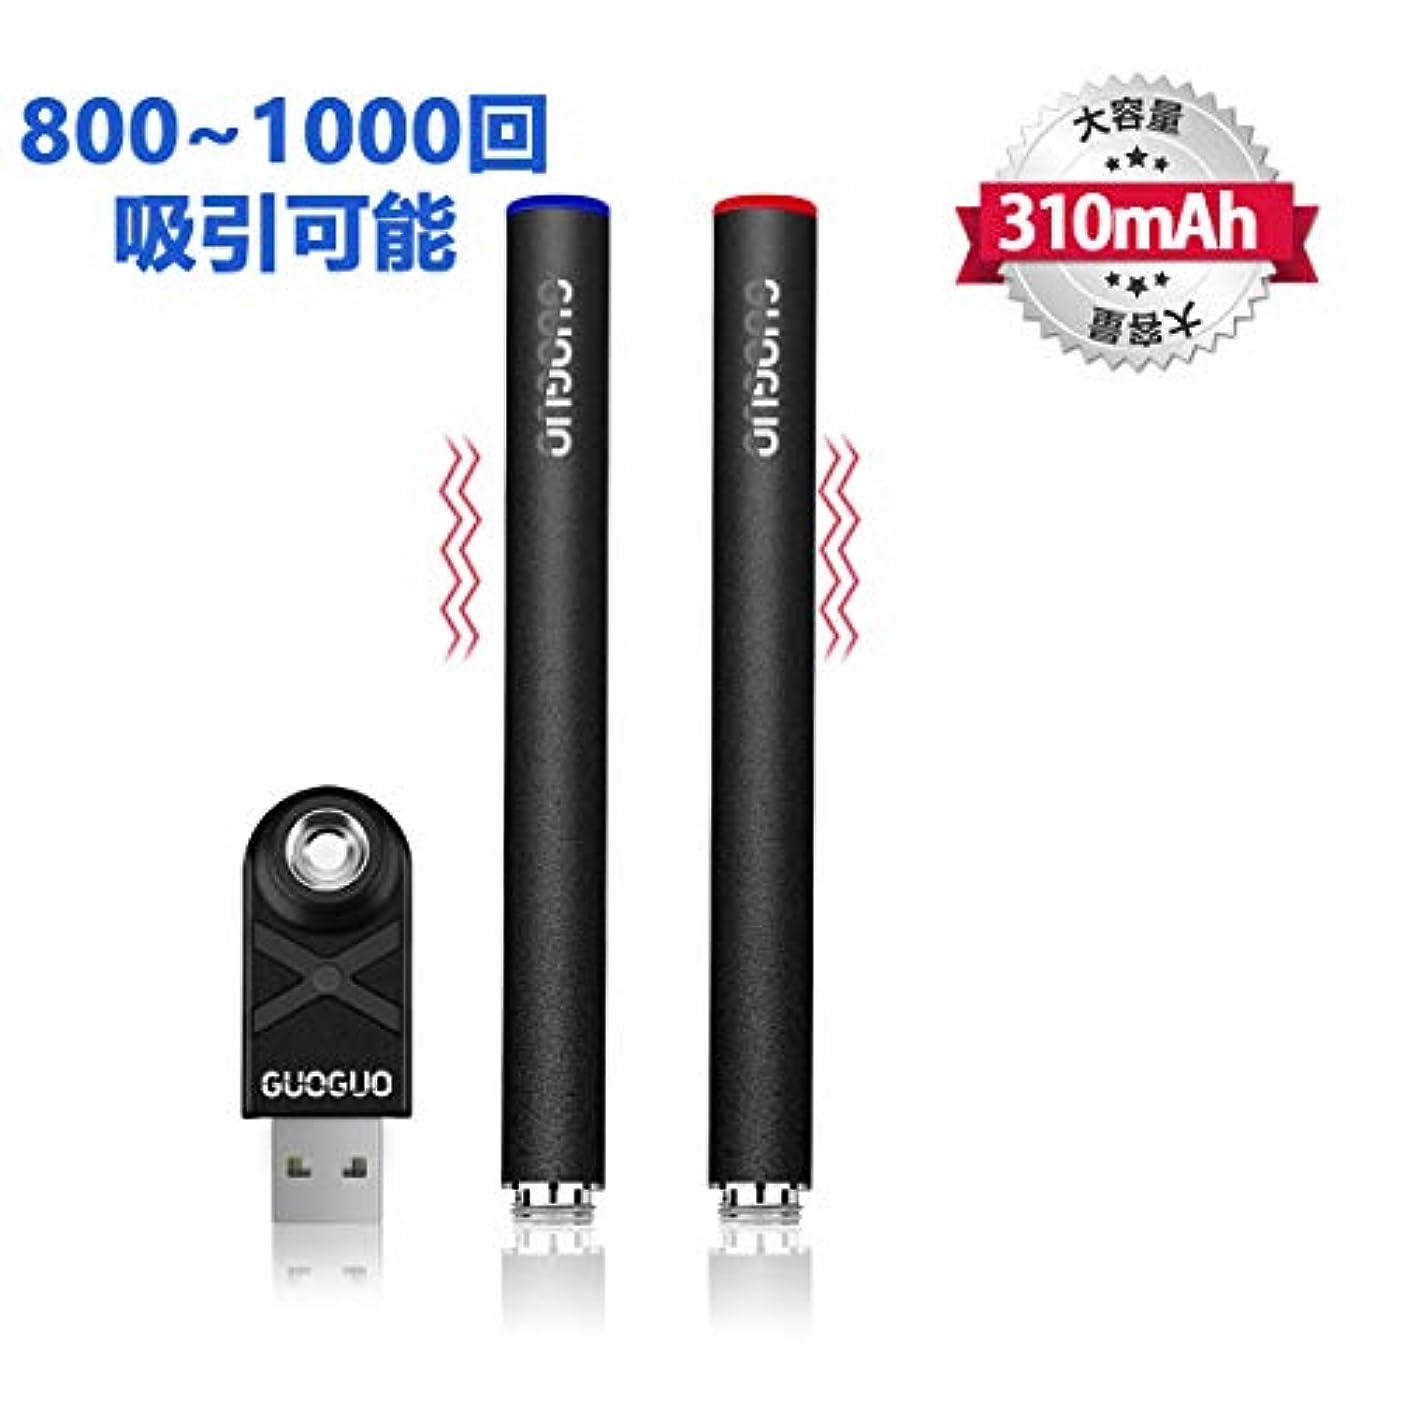 発言する奨励します先例【最新版】 プルームテック PloomTech 互換バッテリー 大容量310mAh 50パフバイブレーション通知機能搭載 2本入り 急速充電